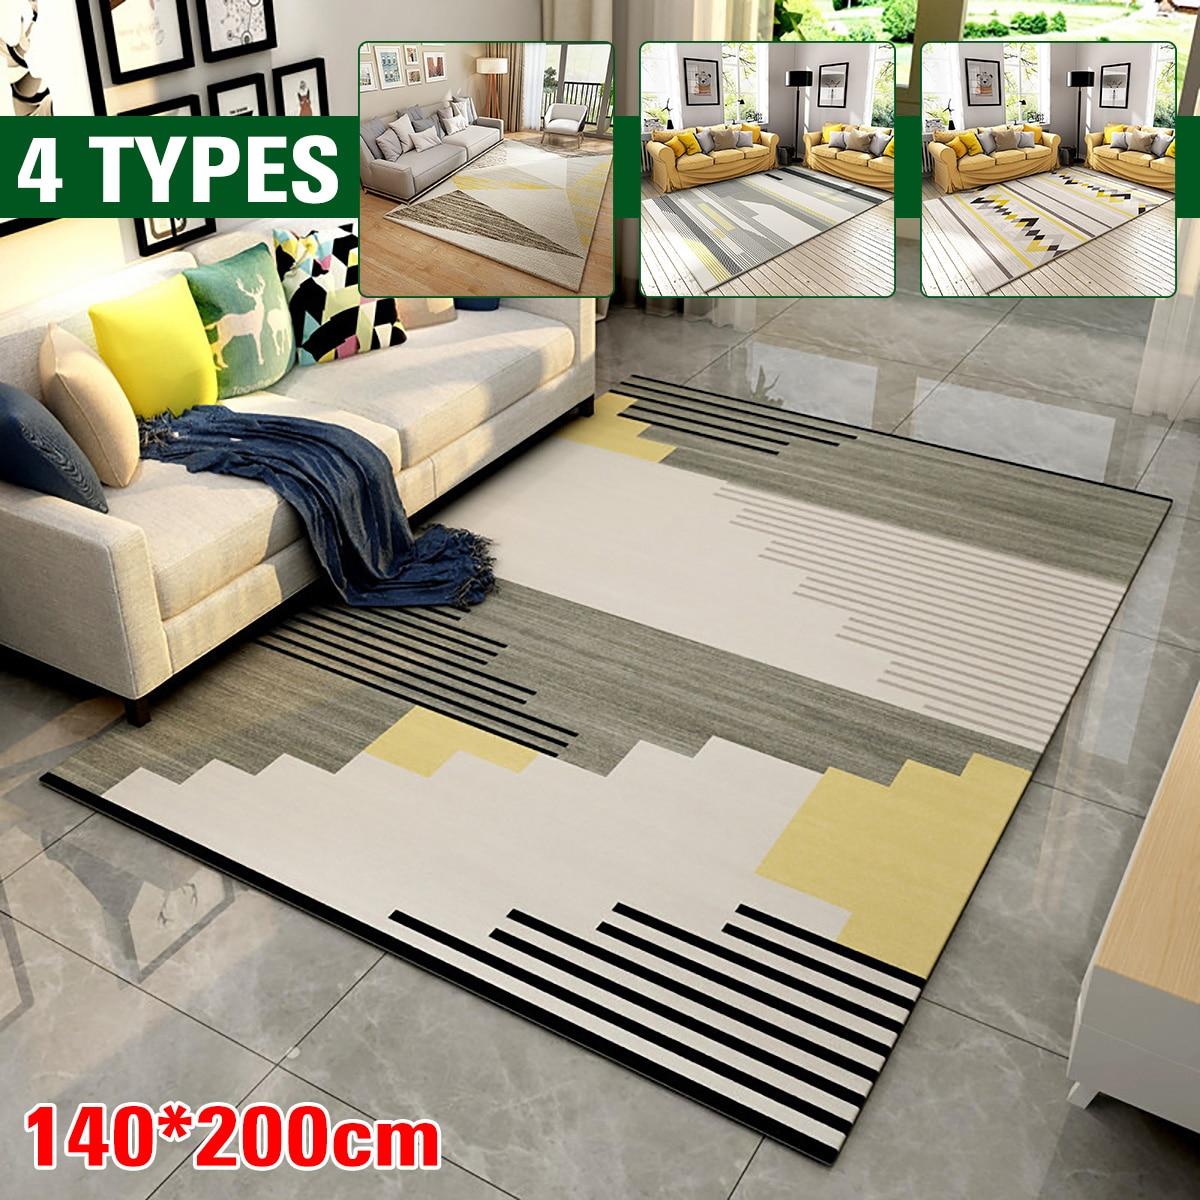 Купить 140*200 см простой стиль ковер гостиная нескользящий предотвращение